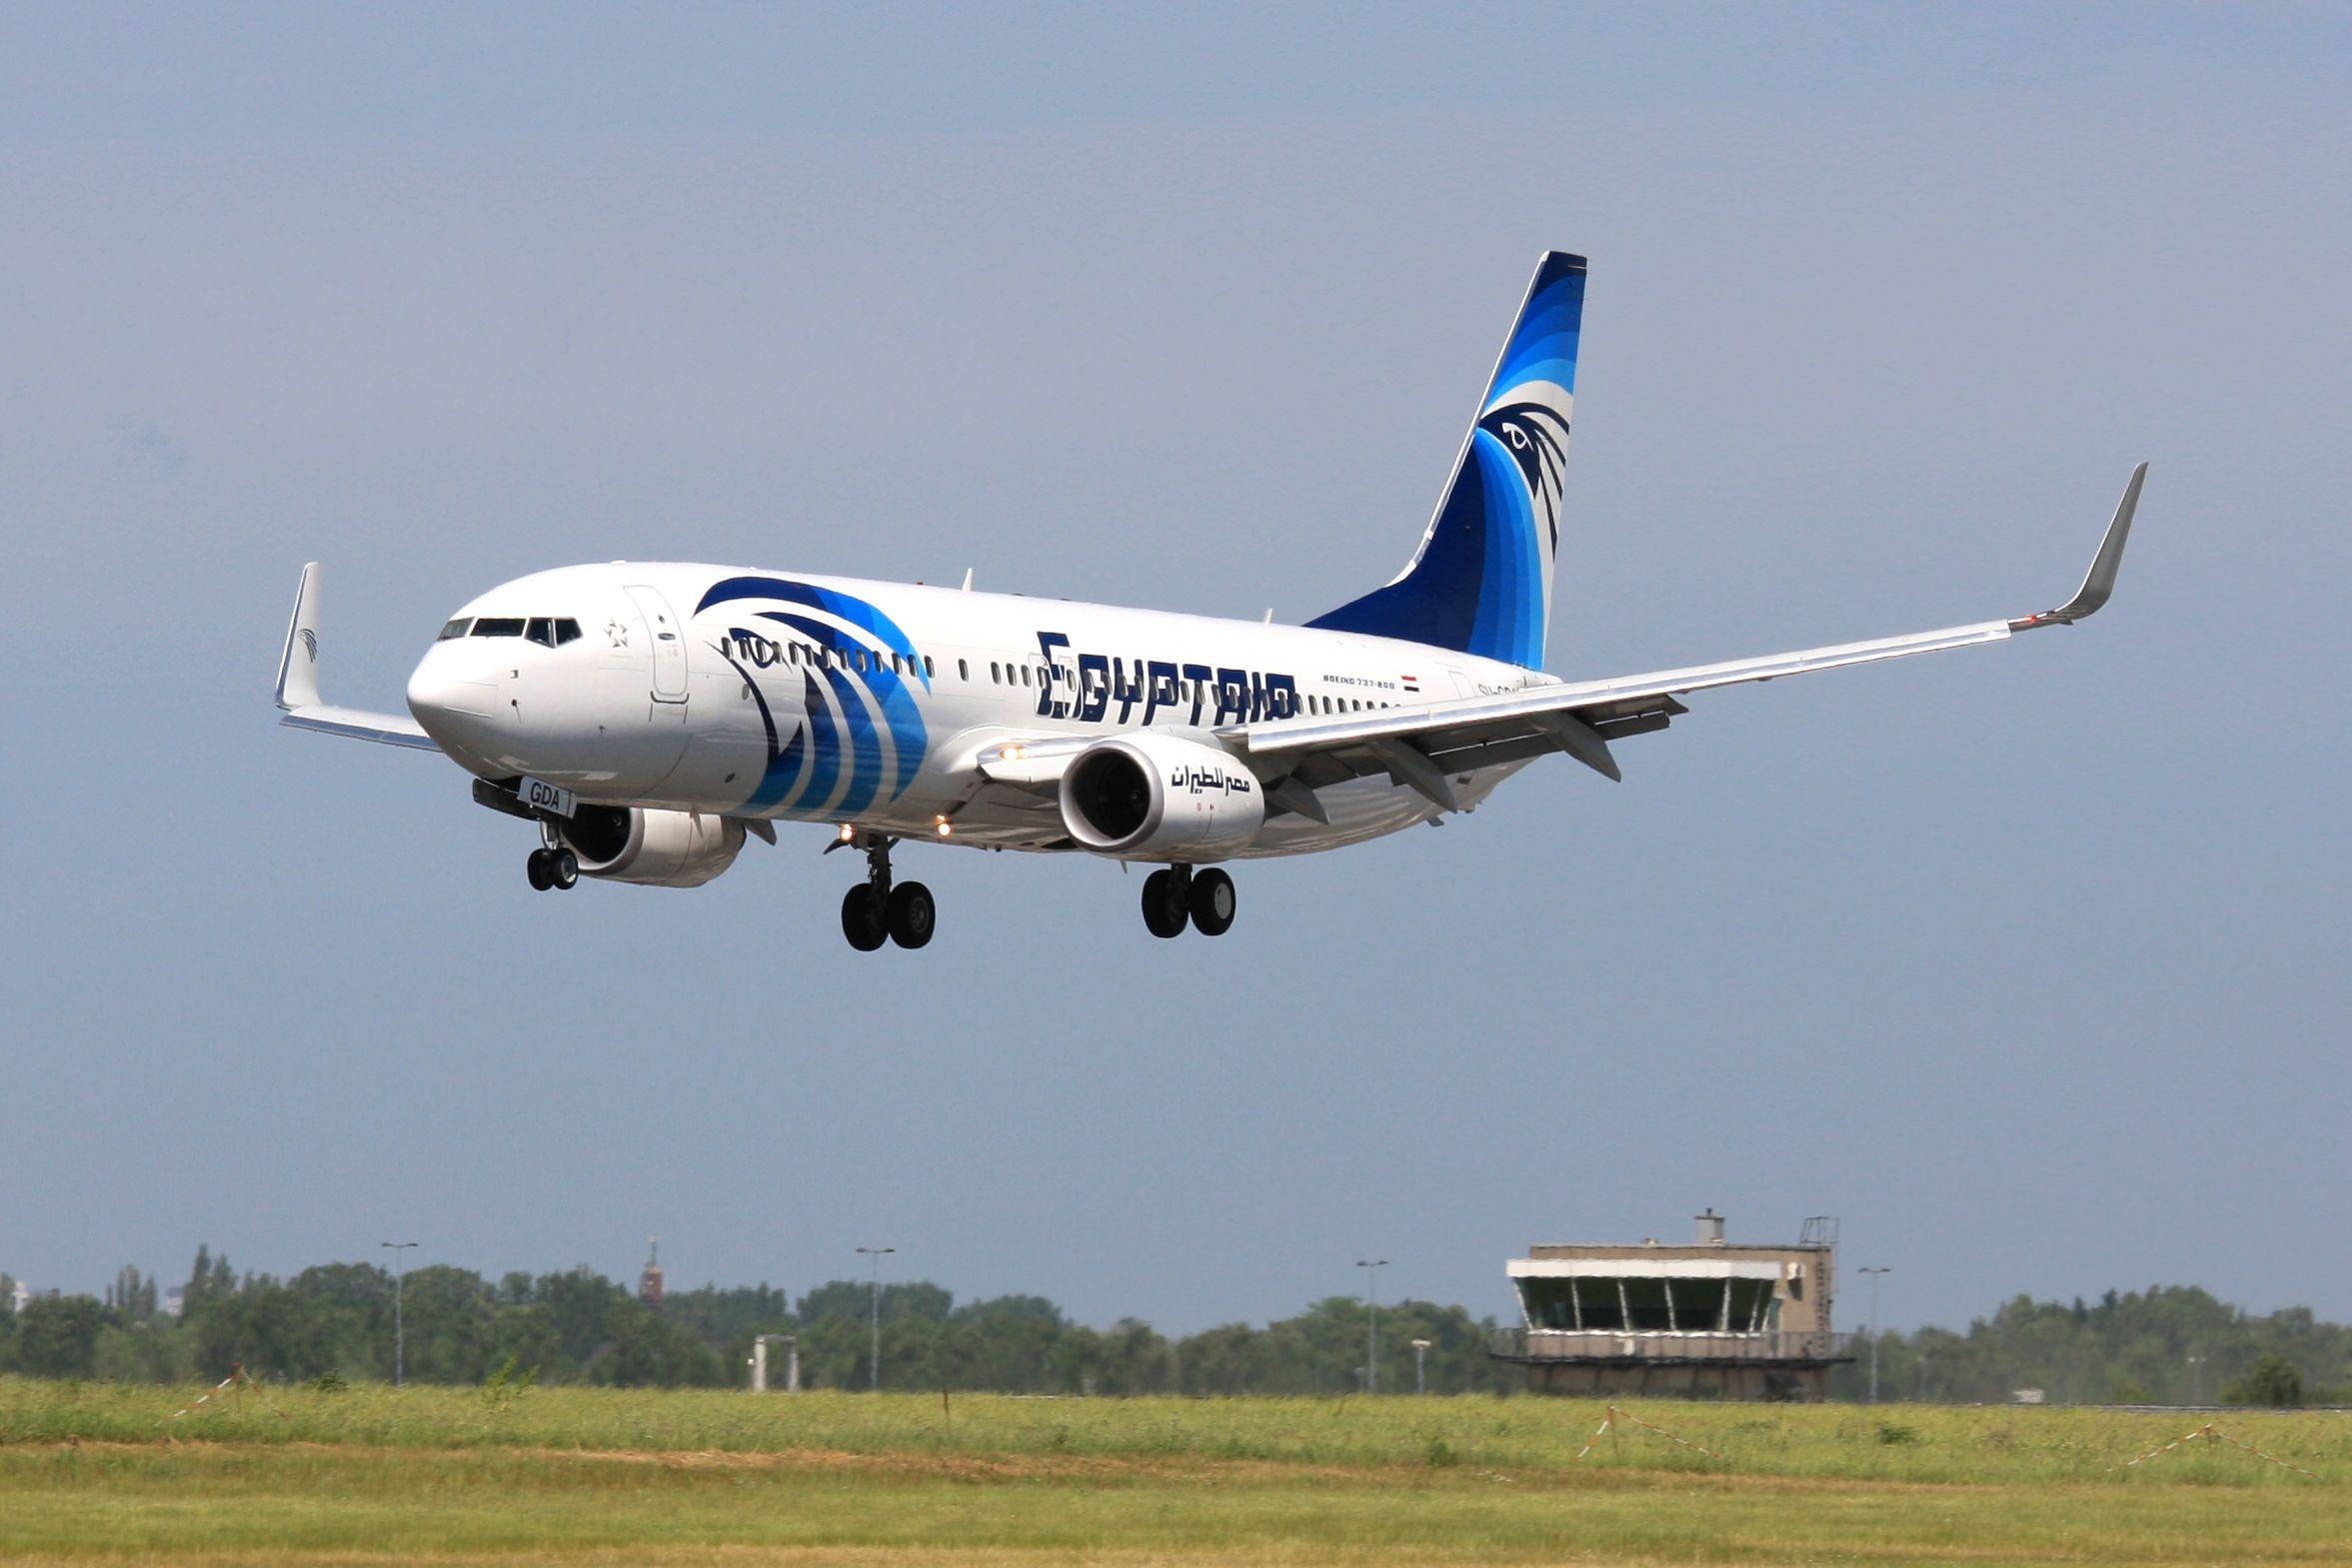 أخر عروض مصر للطيران على كافة رحلاتها الجوية Flight Offers Air Tickets Online Tickets